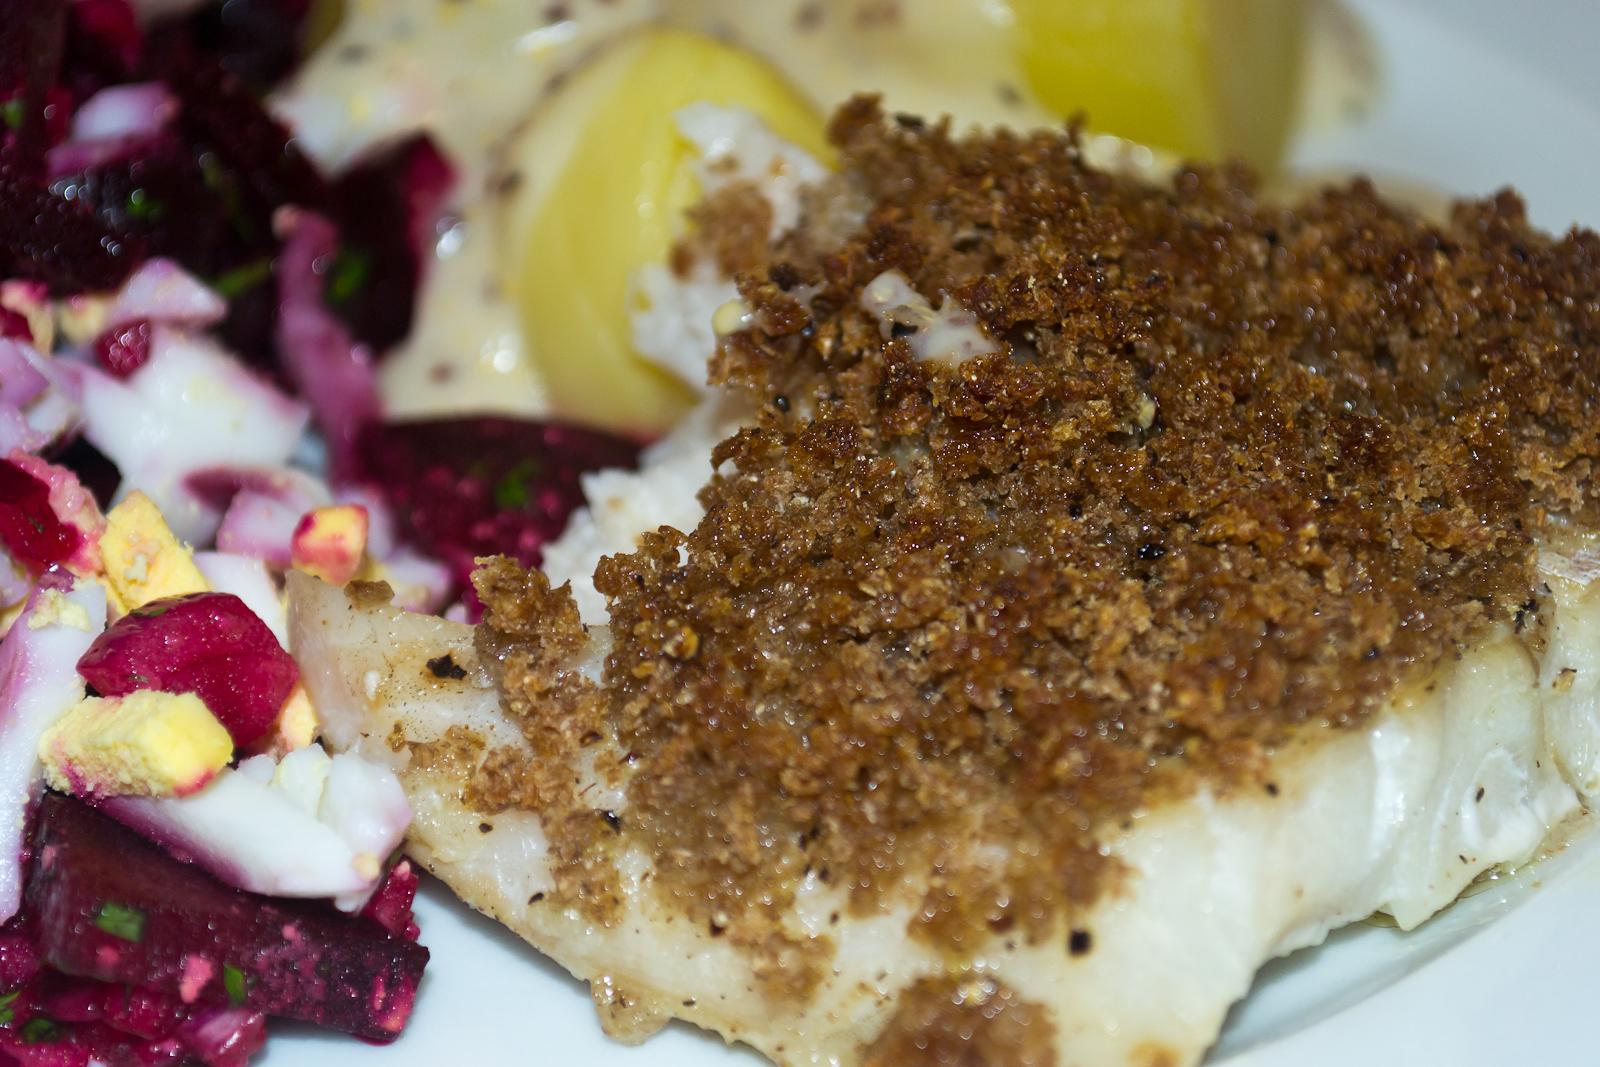 Ovnbagt torsk med rugbrødscrumble, rødbedesalat og sennepssauce | My Danish Kitchen